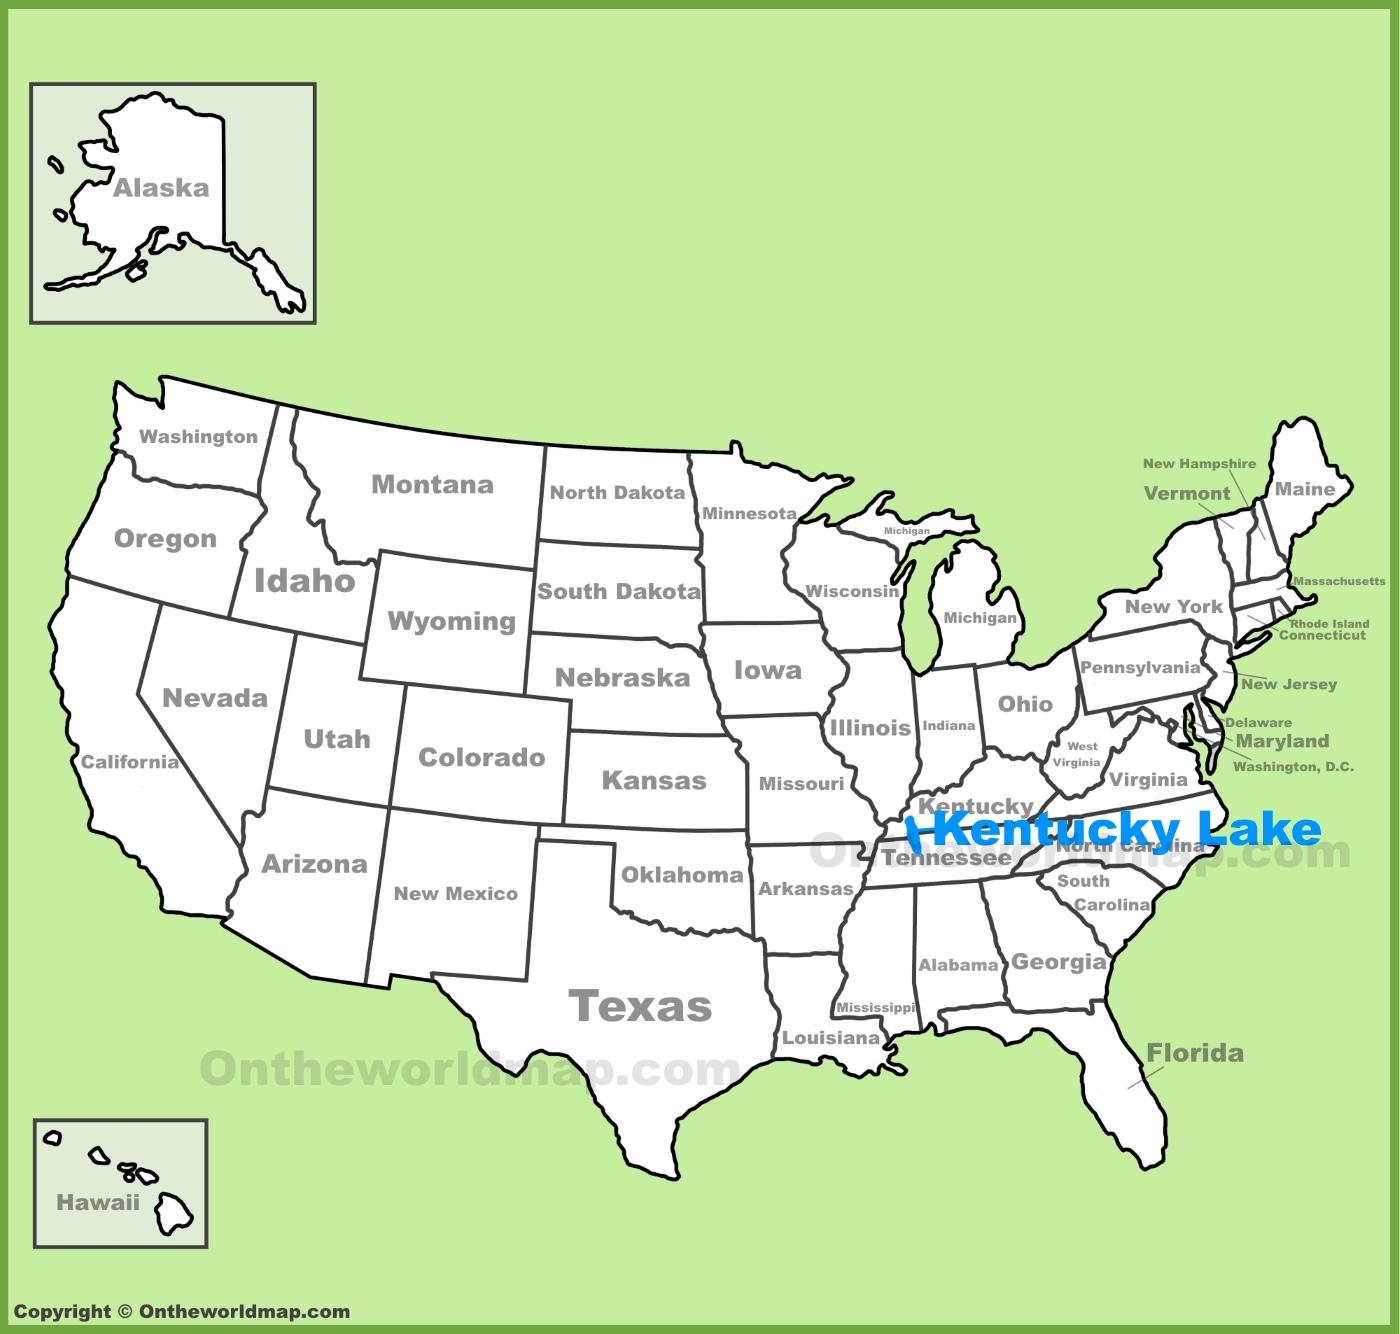 Kentucky Lake Map Kentucky Lake Maps | Maps of Kentucky Lake